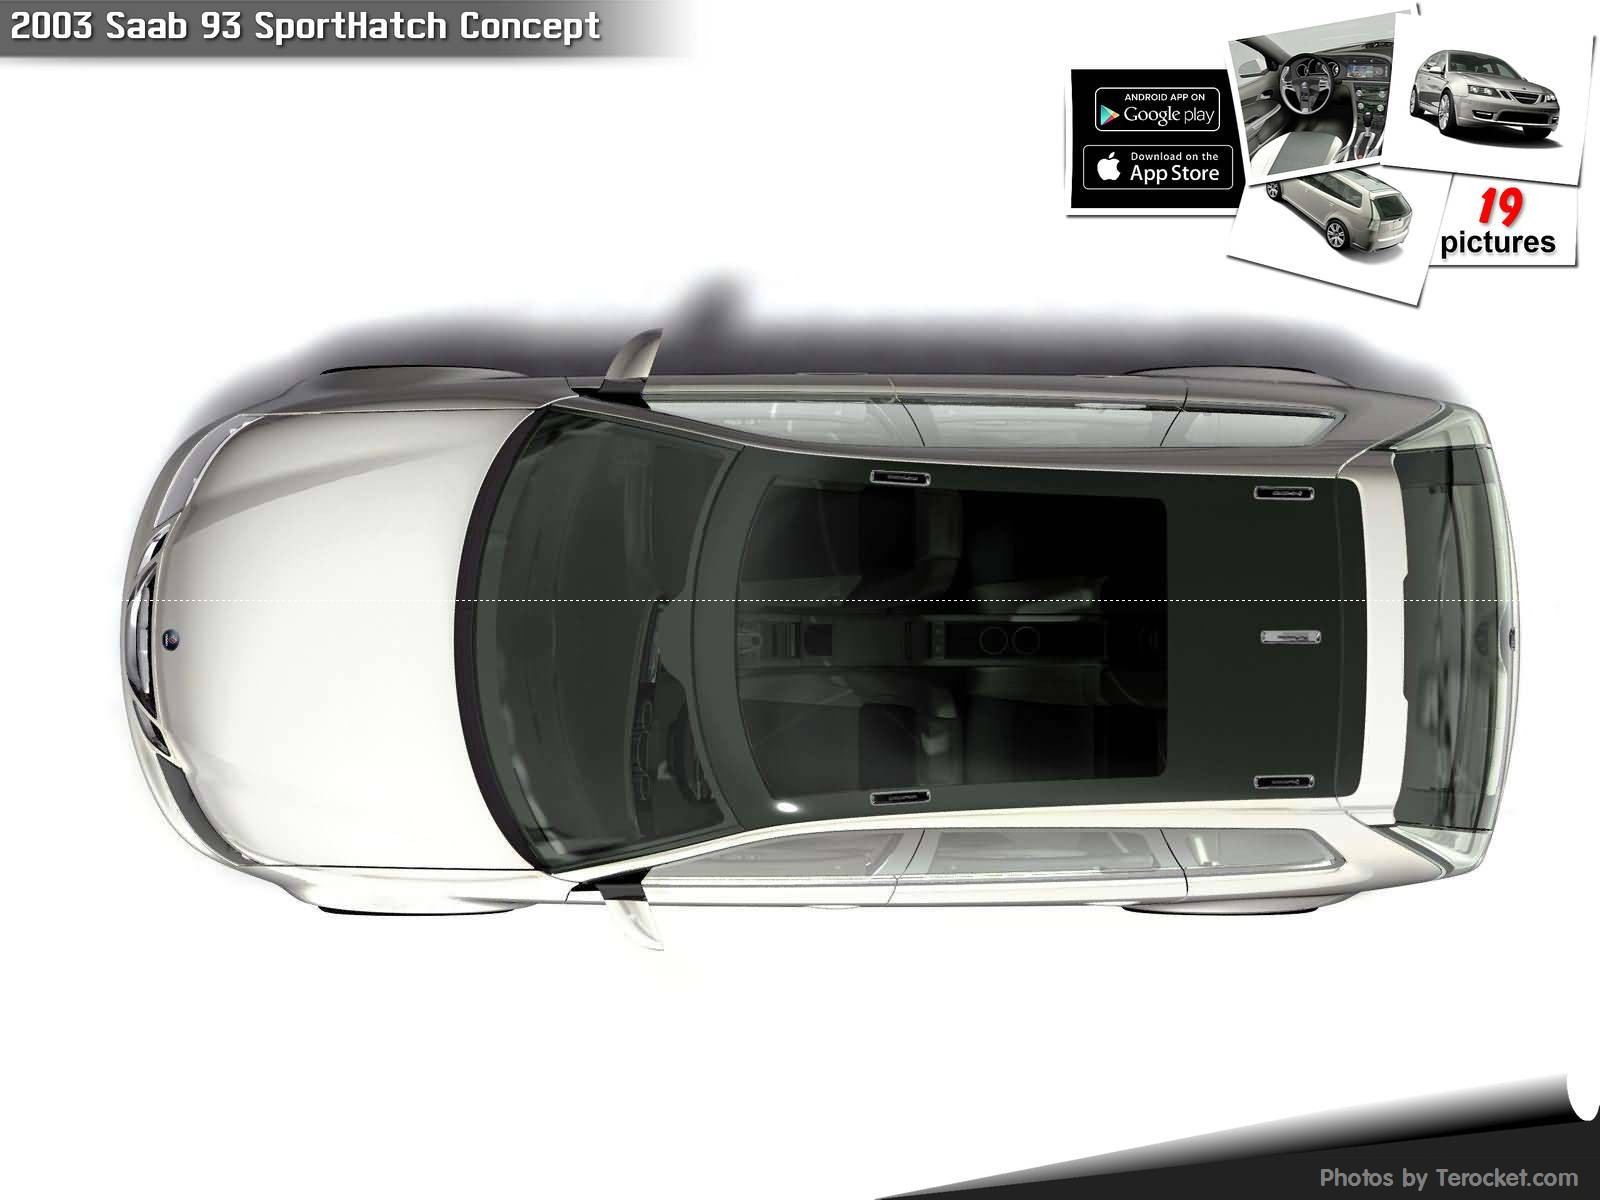 Hình ảnh xe ô tô Saab 93 SportHatch Concept 2003 & nội ngoại thất